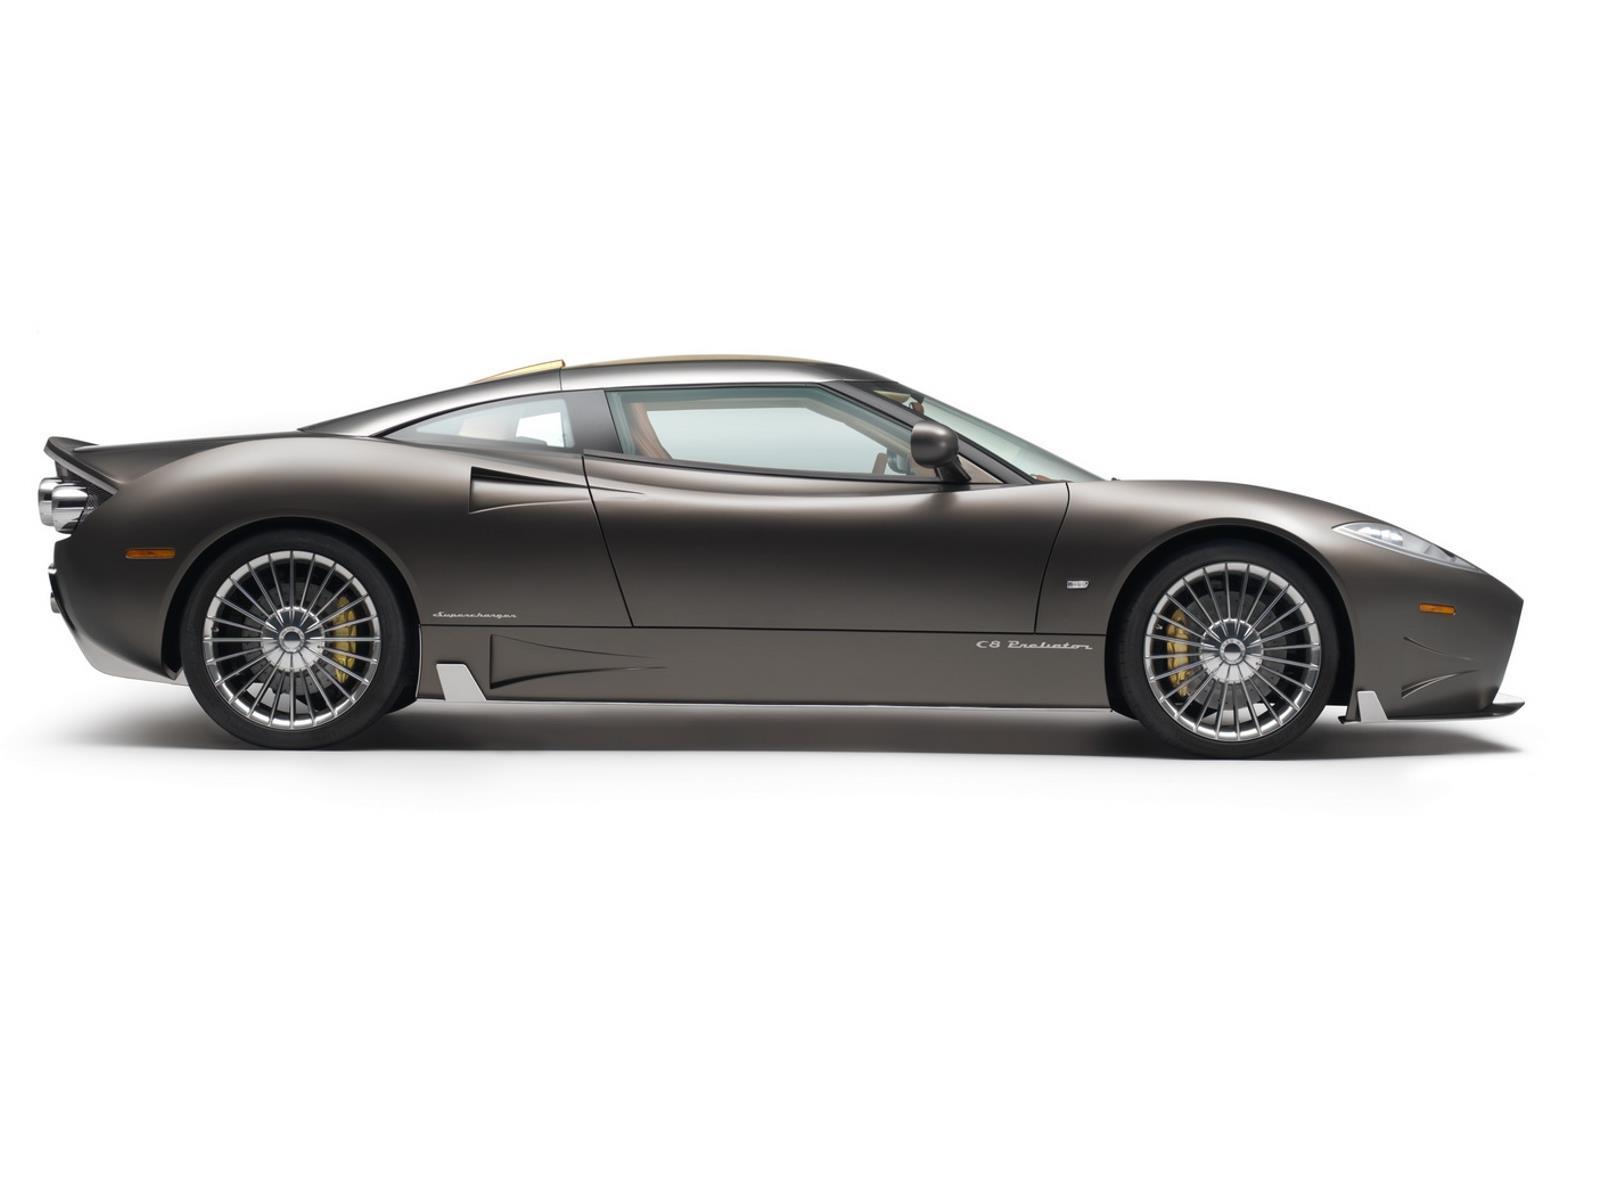 Spyker c8 preliator un regreso esperado - Cuanto gana un disenador de interiores ...